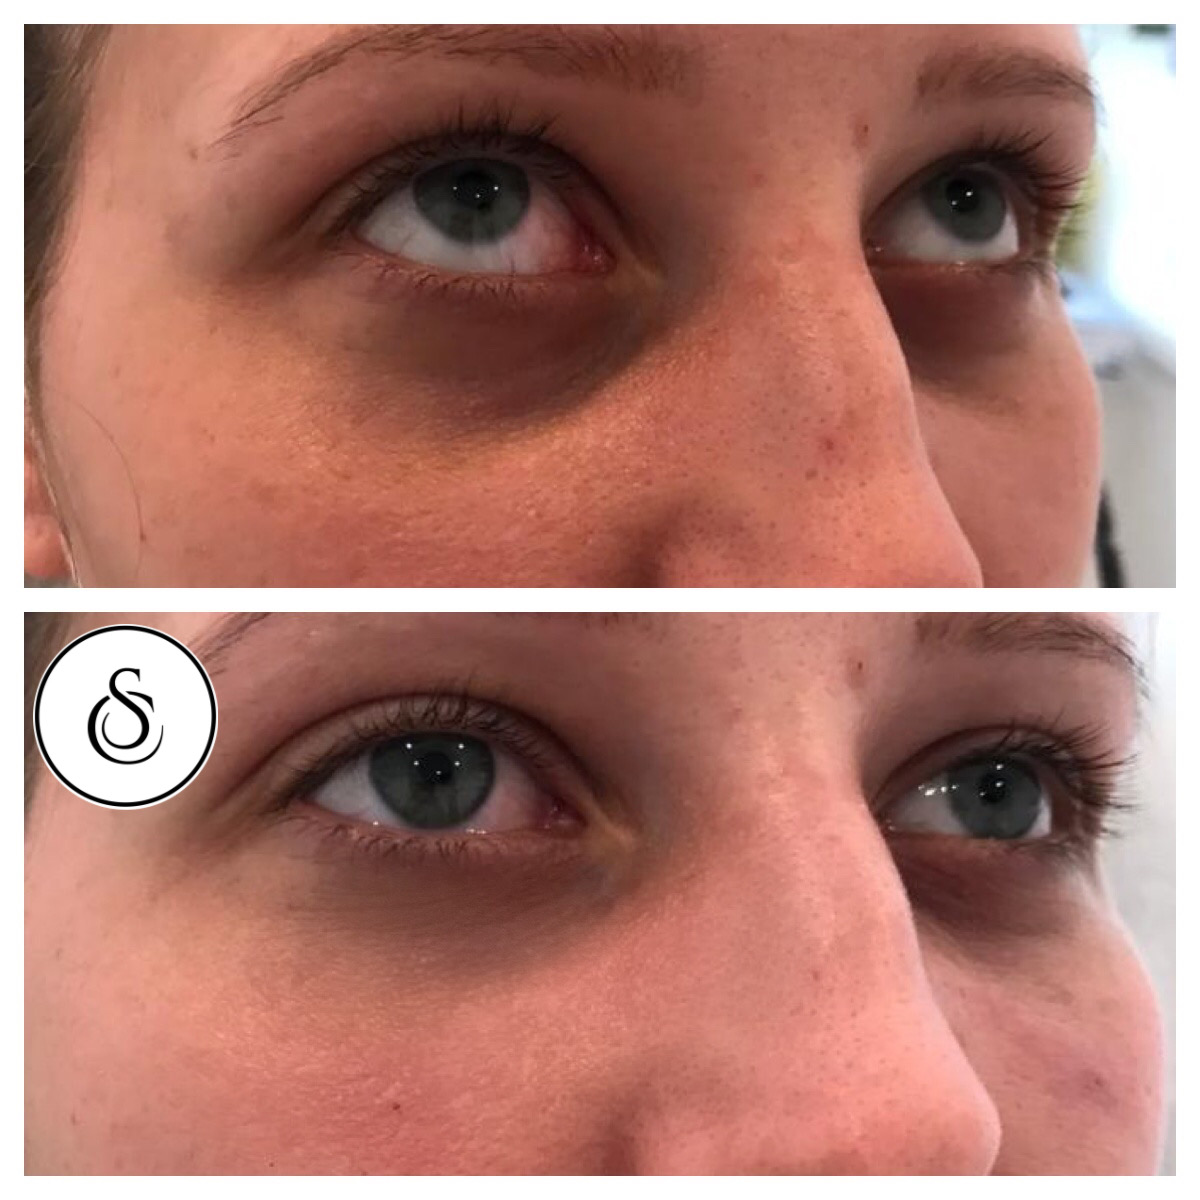 Vrouw behandeling donkere kringen onder ogen traangootfiller bij sarasin clinic